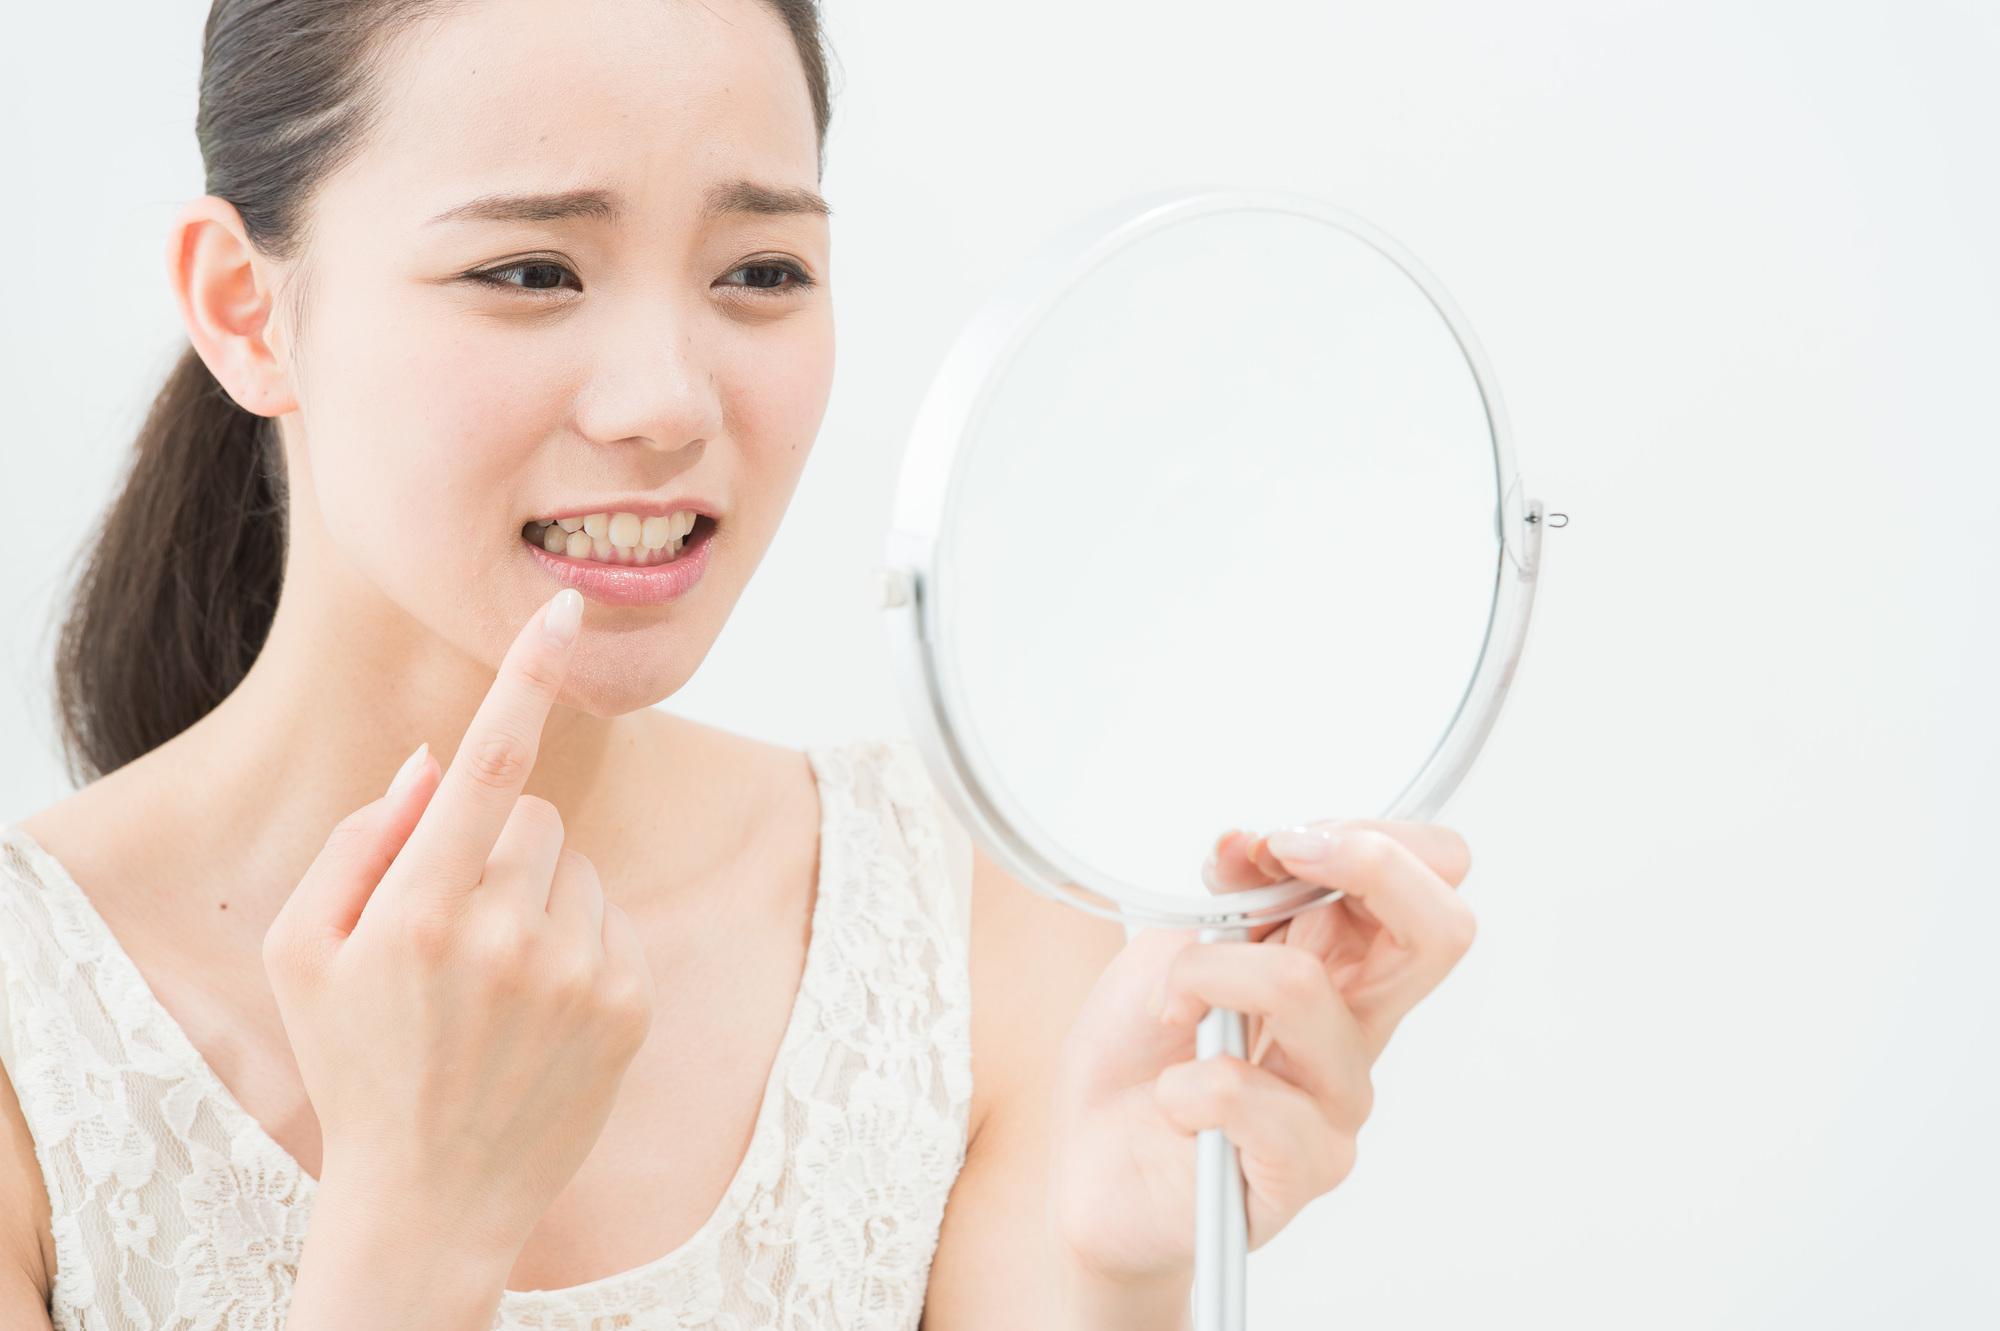 鏡を見て歯を気にする女性